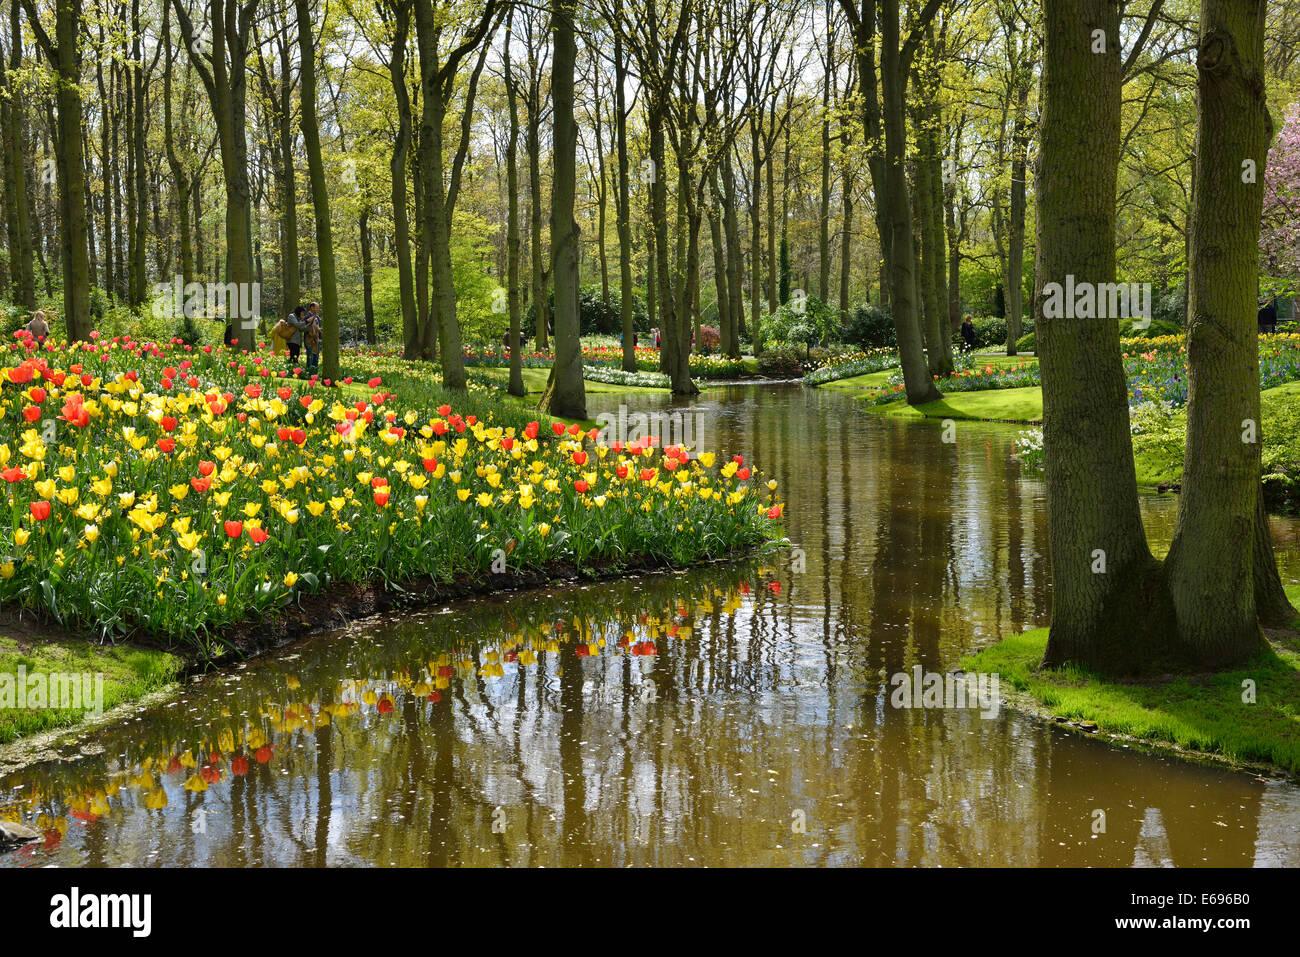 Keukenhof, Lisse, South Holland, Netherlands - Stock Image